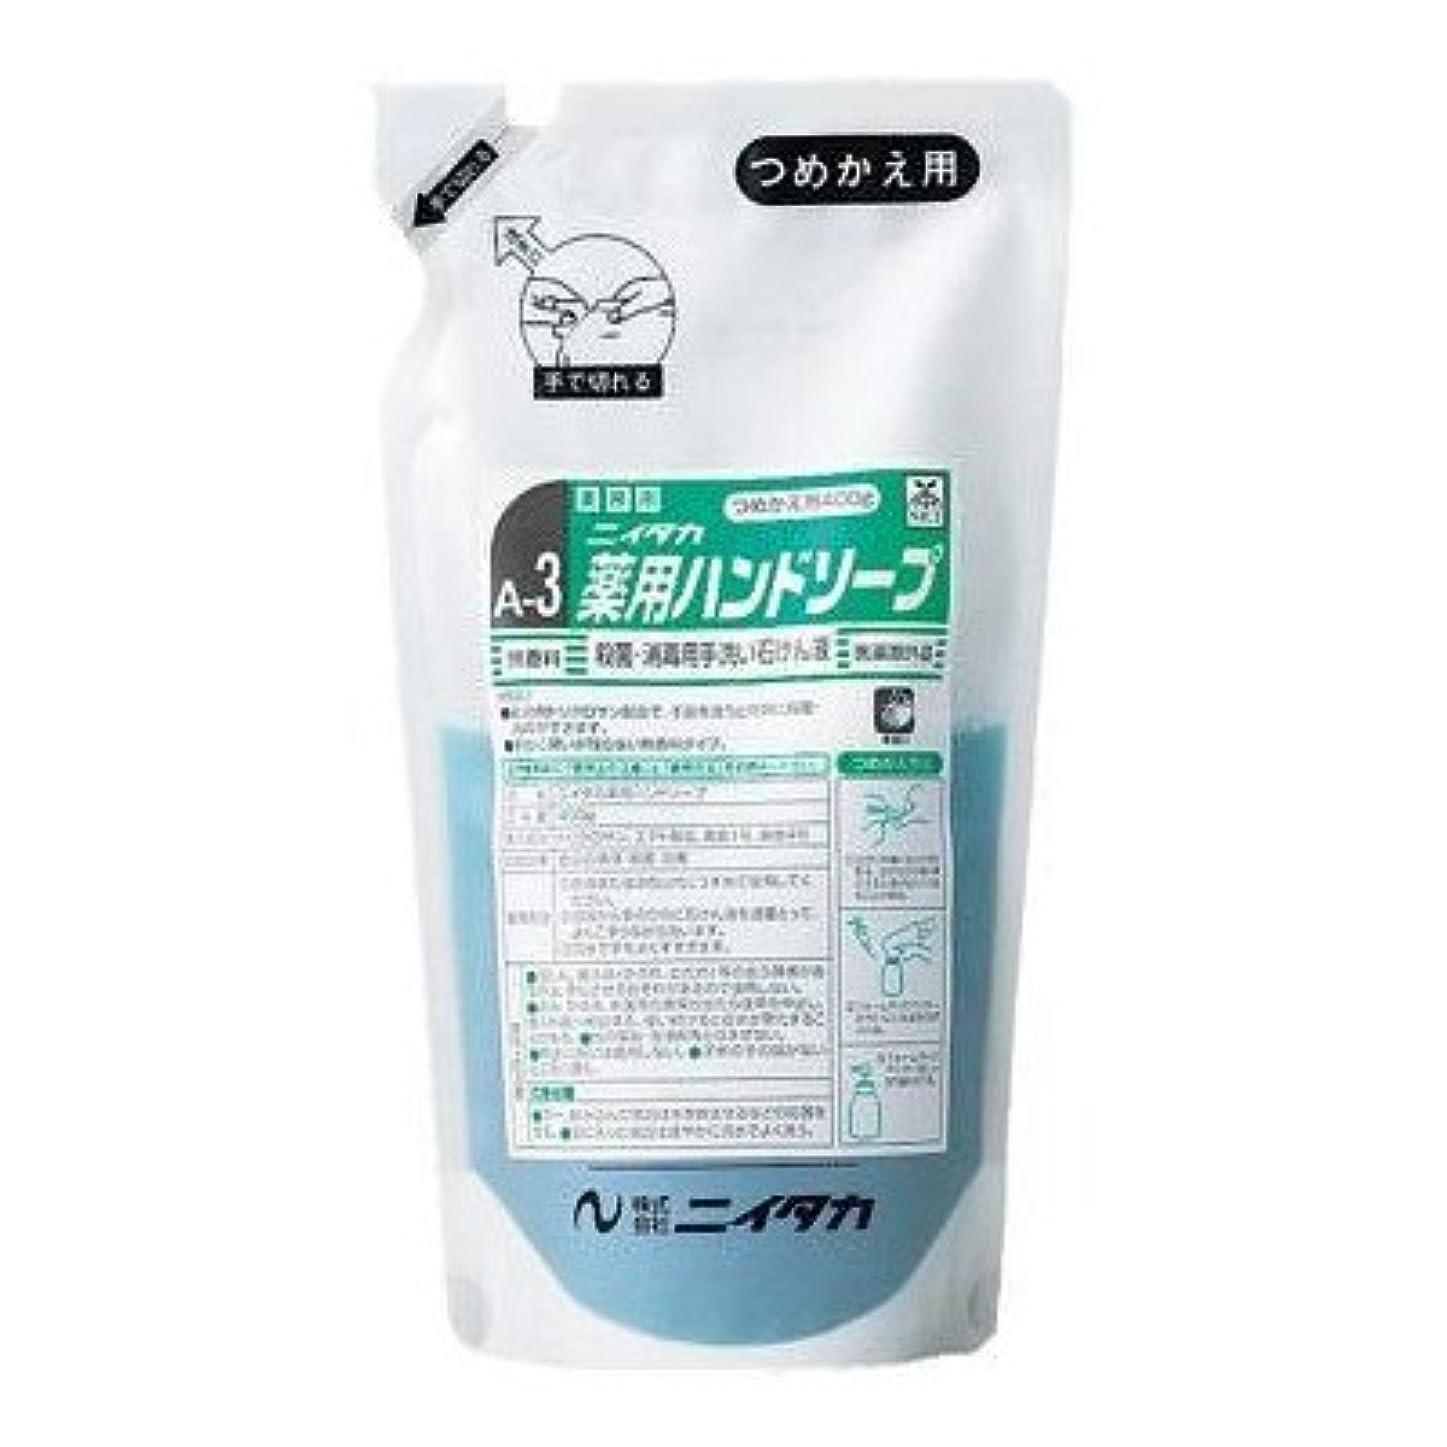 ニイタカ 業務用手洗い石けん液 薬用ハンドソープ(A-3) 400g×6本